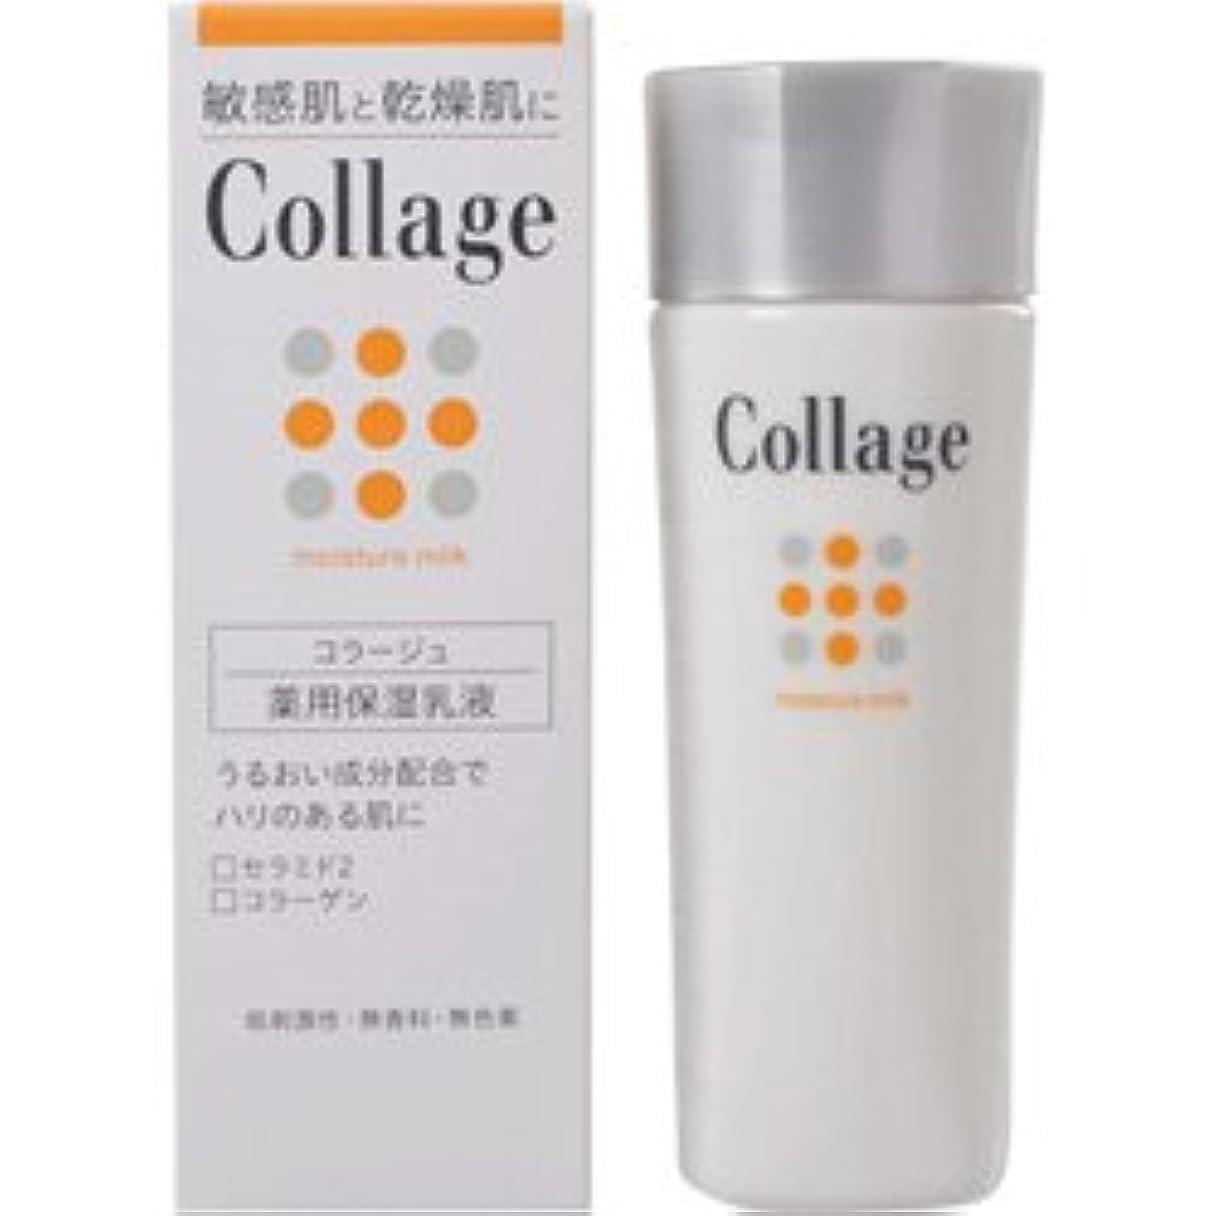 【持田ヘルスケア】 コラージュ薬用保湿乳液 80ml (医薬部外品) ×3個セット